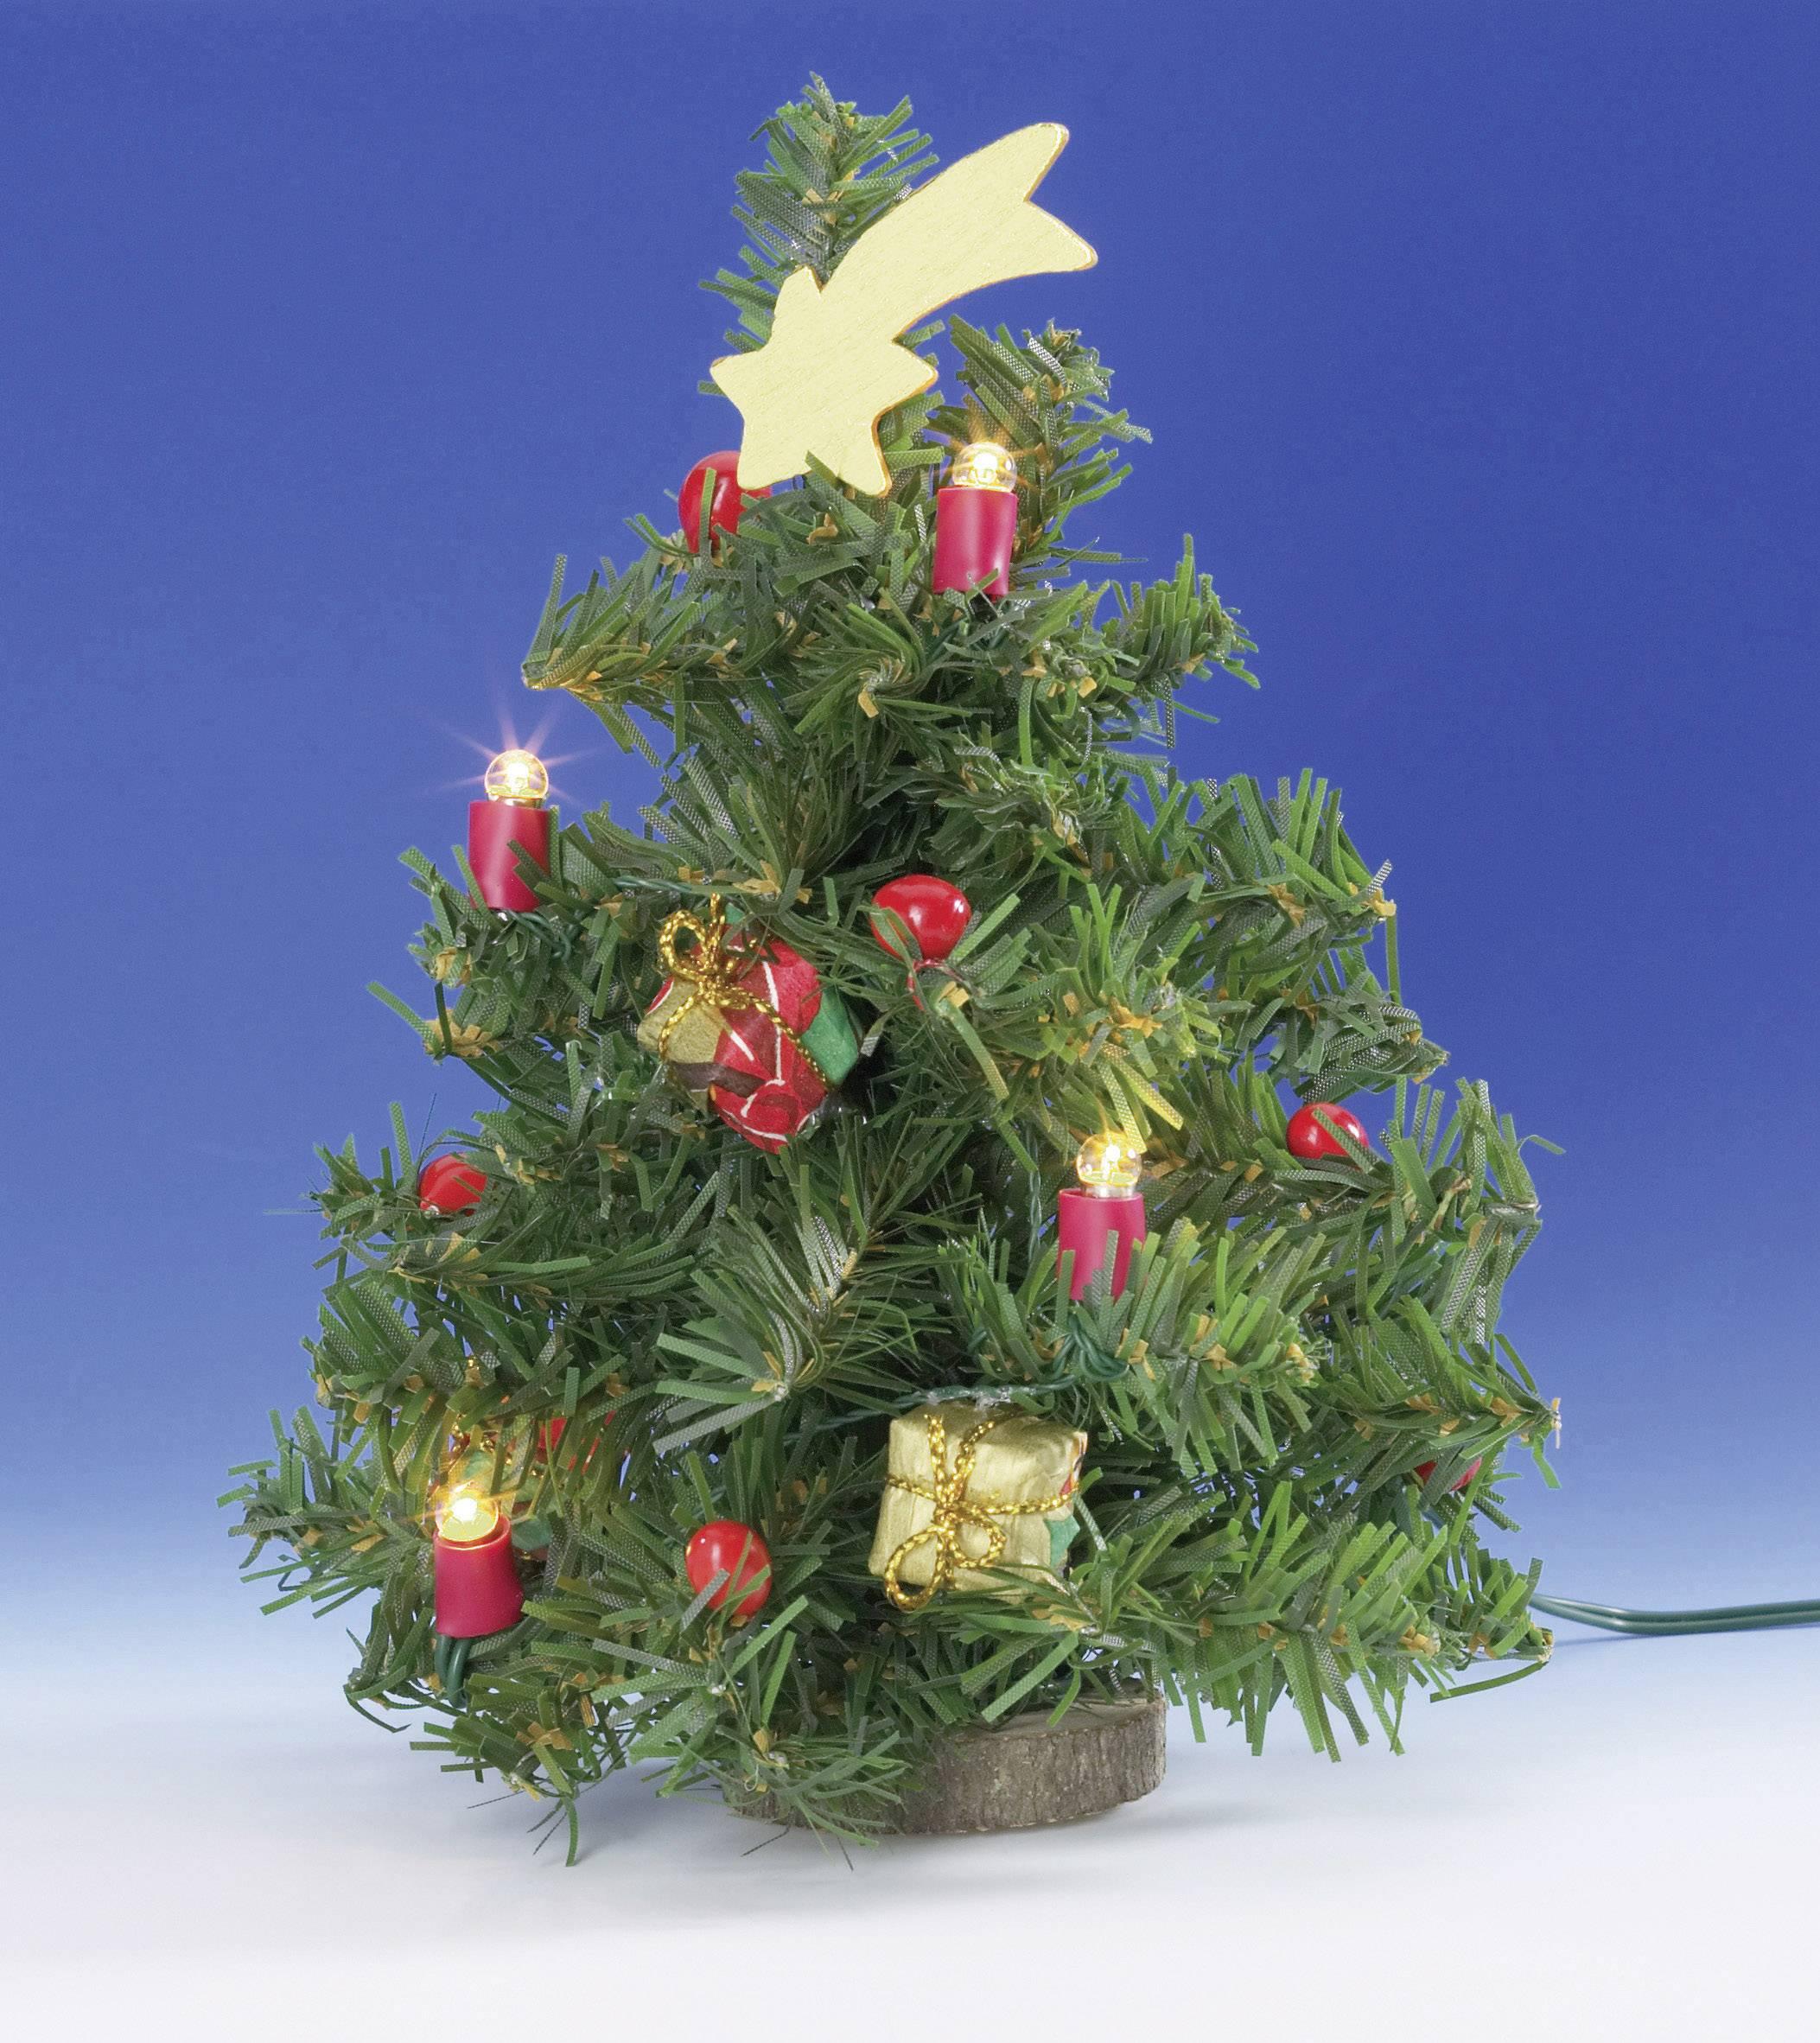 Kahlert Licht 40908 Kerstboom 3.5 V Met verlichting | Conrad.nl